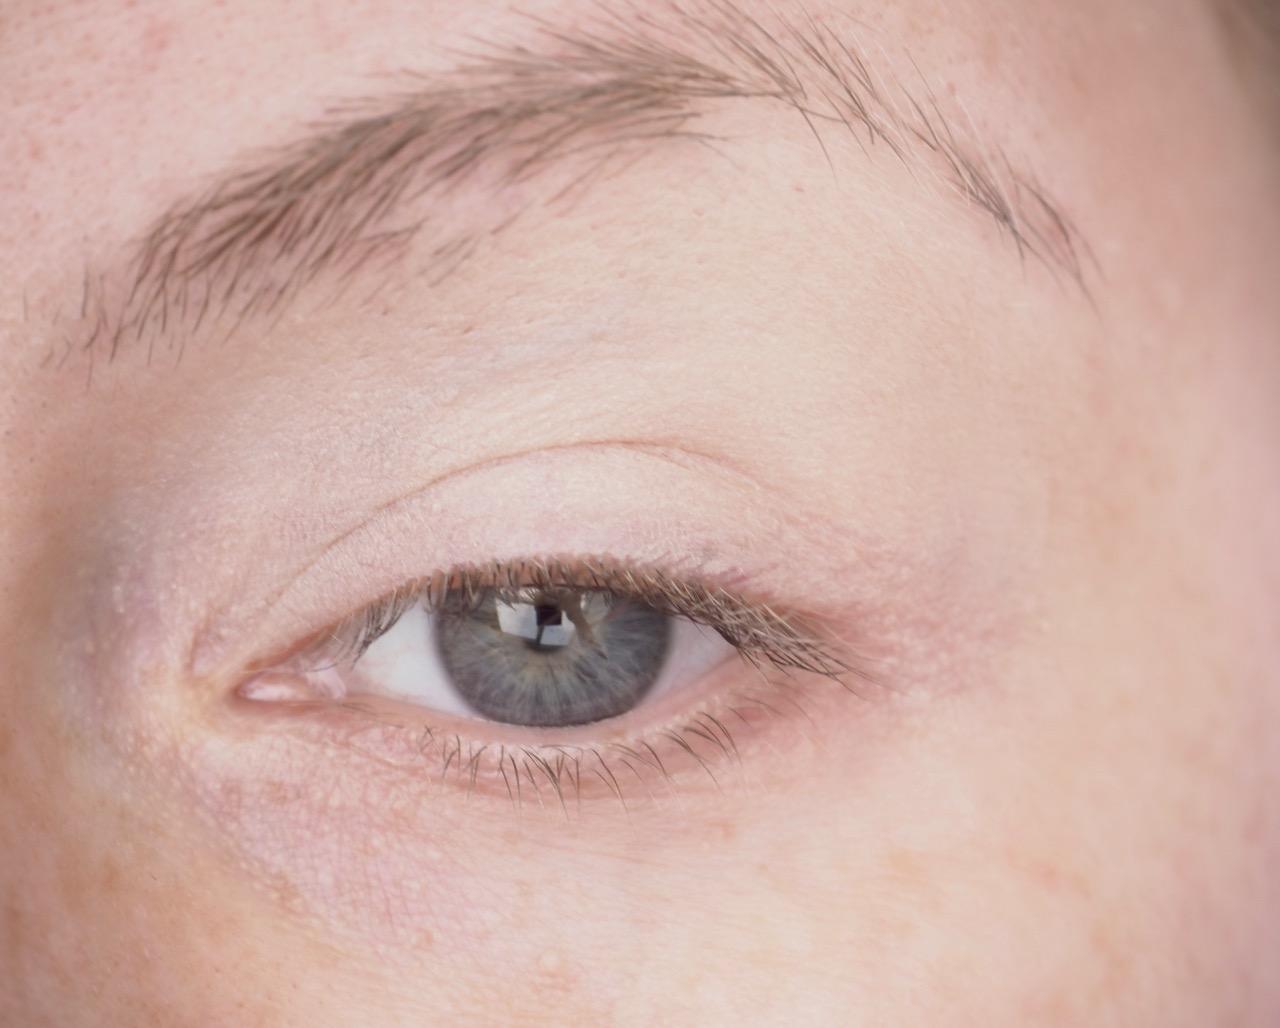 Urban Decay Eyeshadow Primer Potion luomivärinpohjustaja kokemuksia Ostolakossa Virve Vee